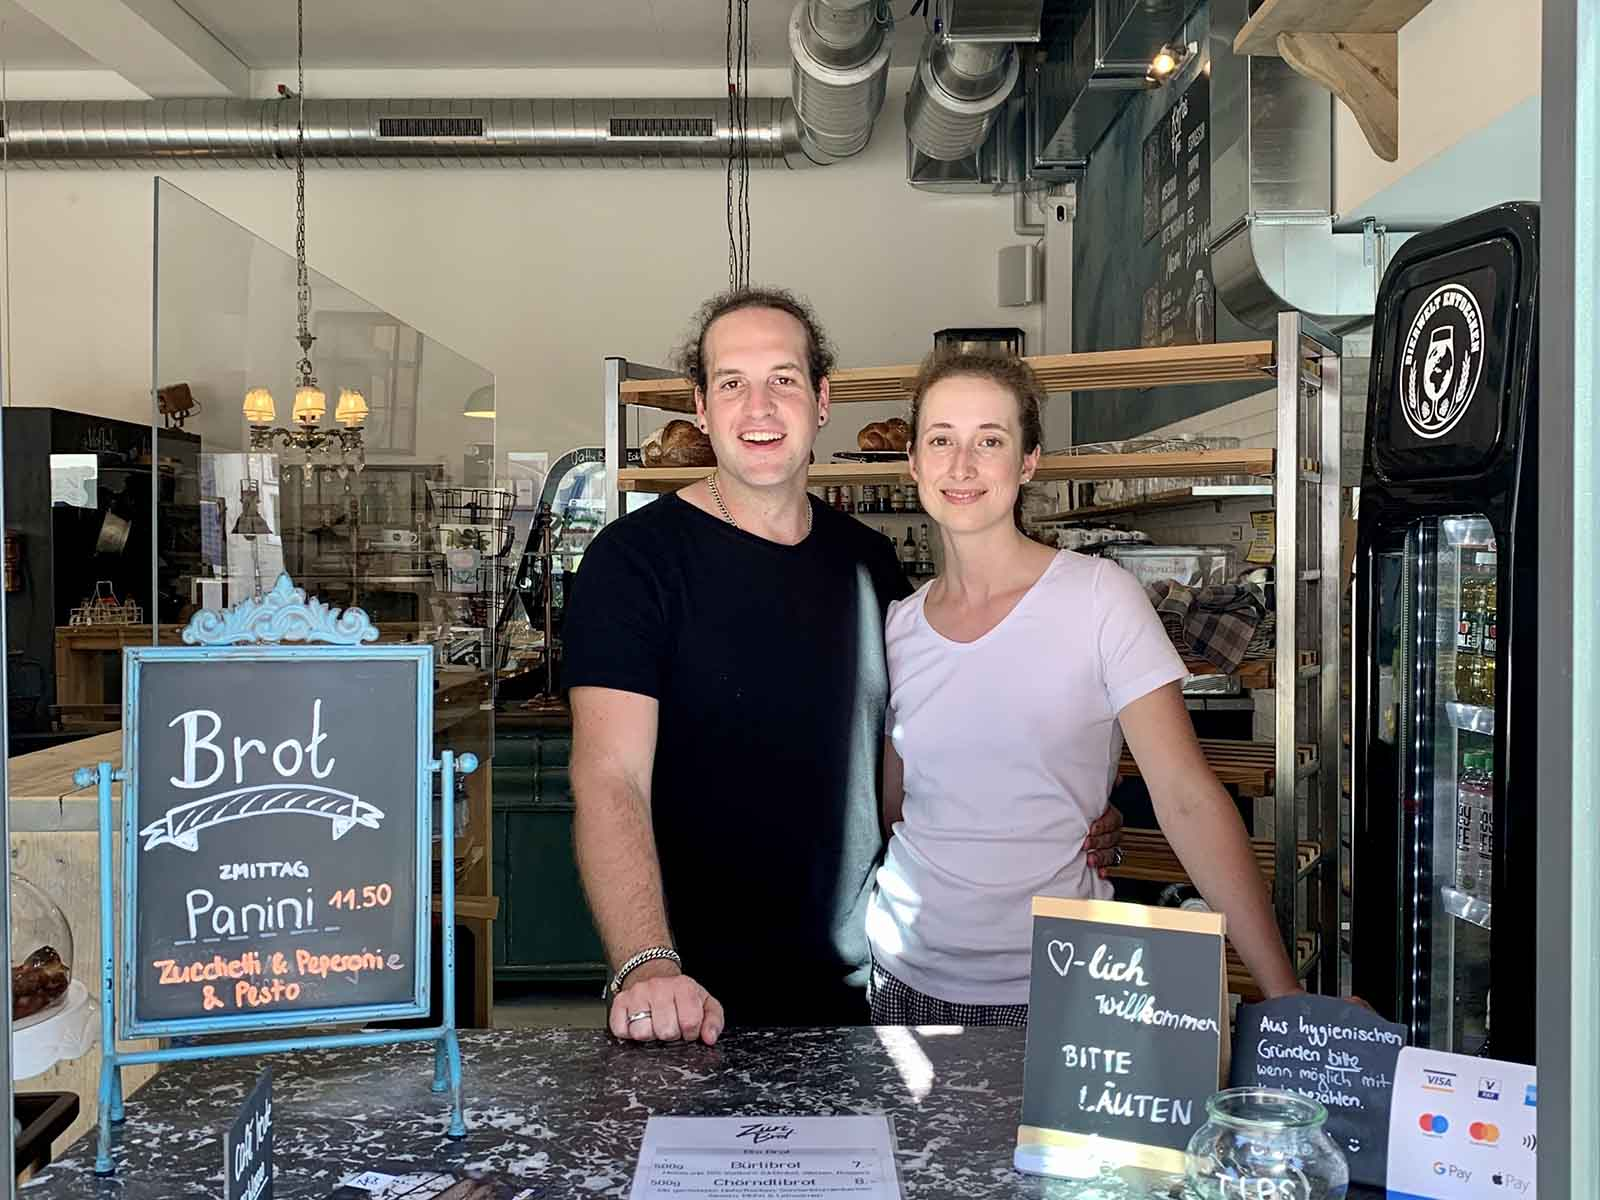 Sascha Graf und Larissa Stamoulos heissen alle herzlich willkommen, die Wert auf hausgemachtes Biobrot ohne jegliche Zusatzstoffe legen.